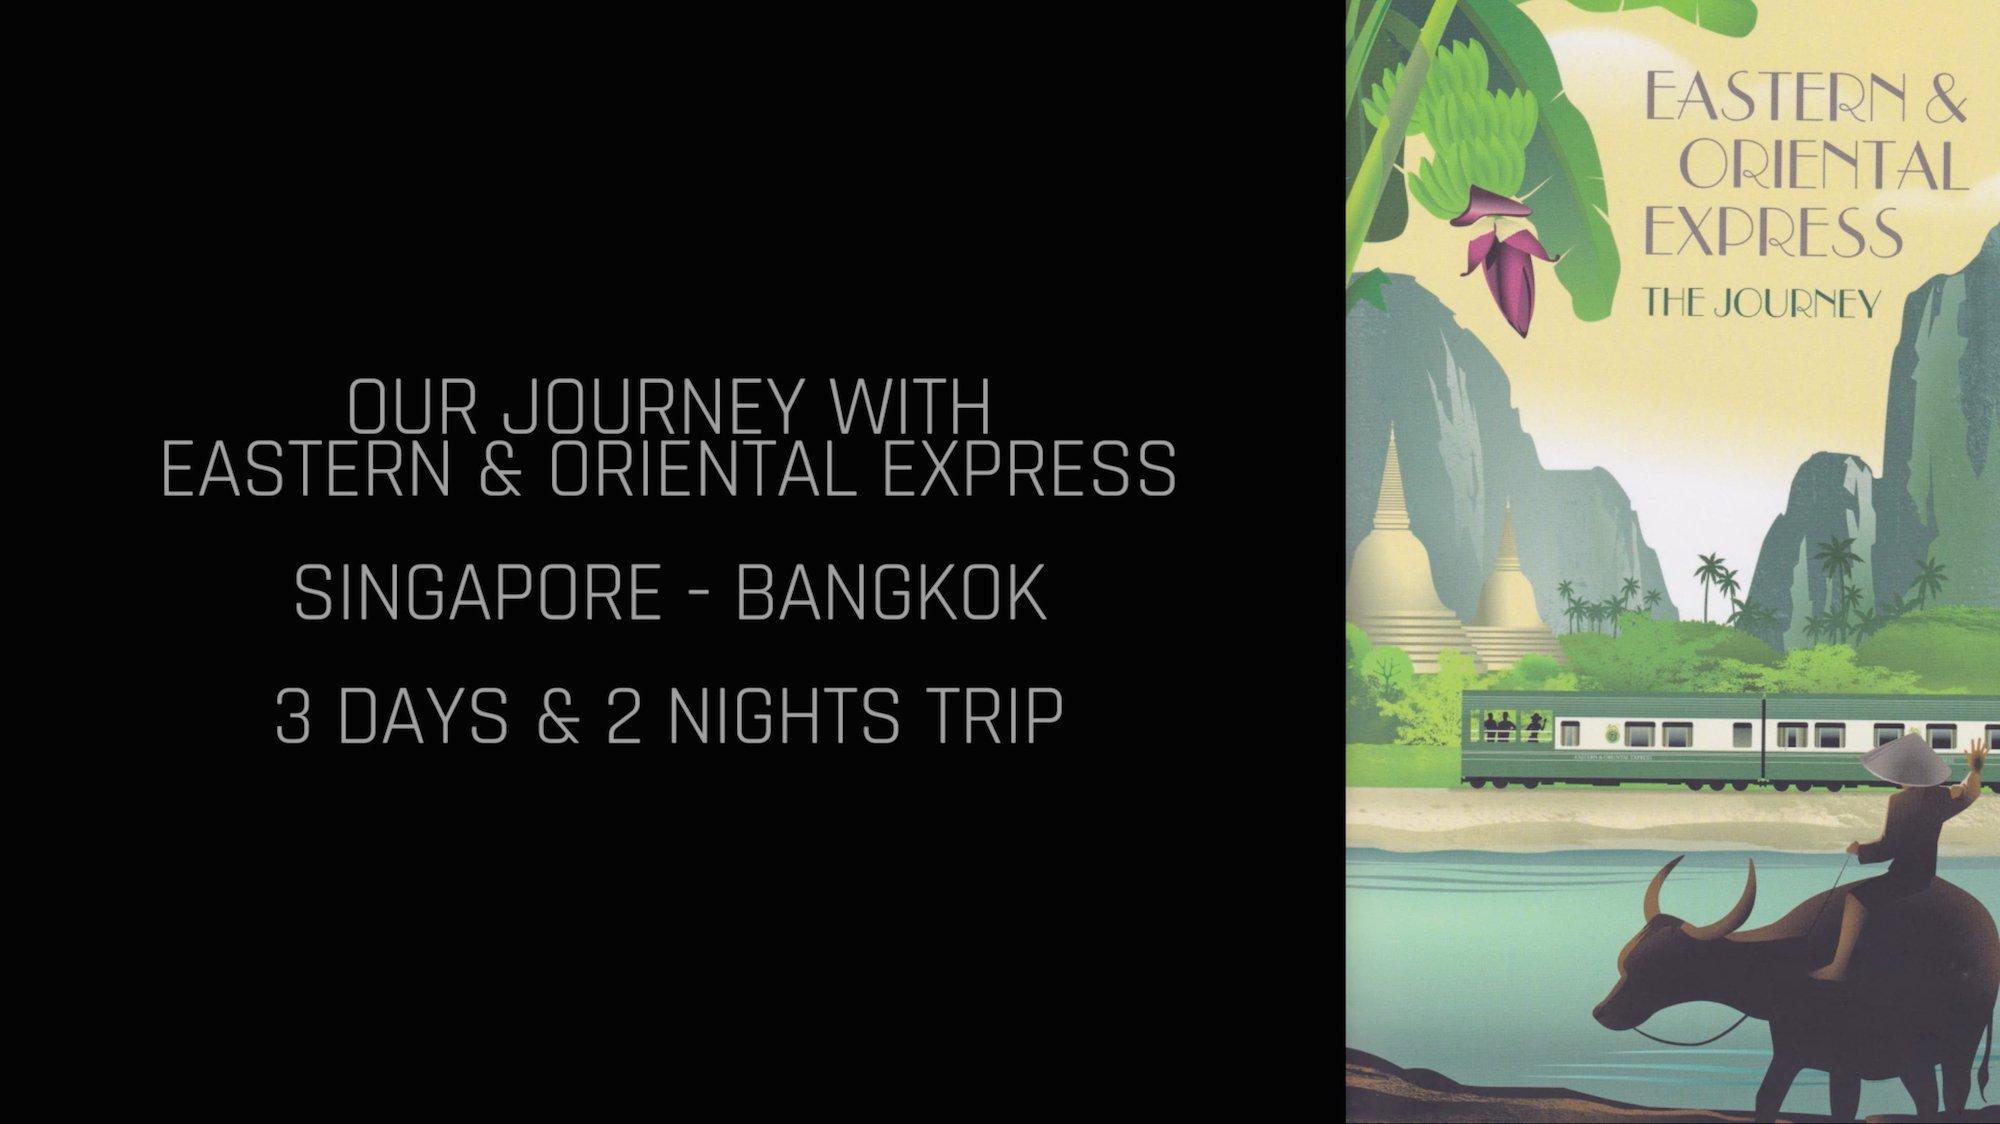 Eastern & Oriental Express, e&o express, Train - Belmond - Singapore To Bangkok - Youtube